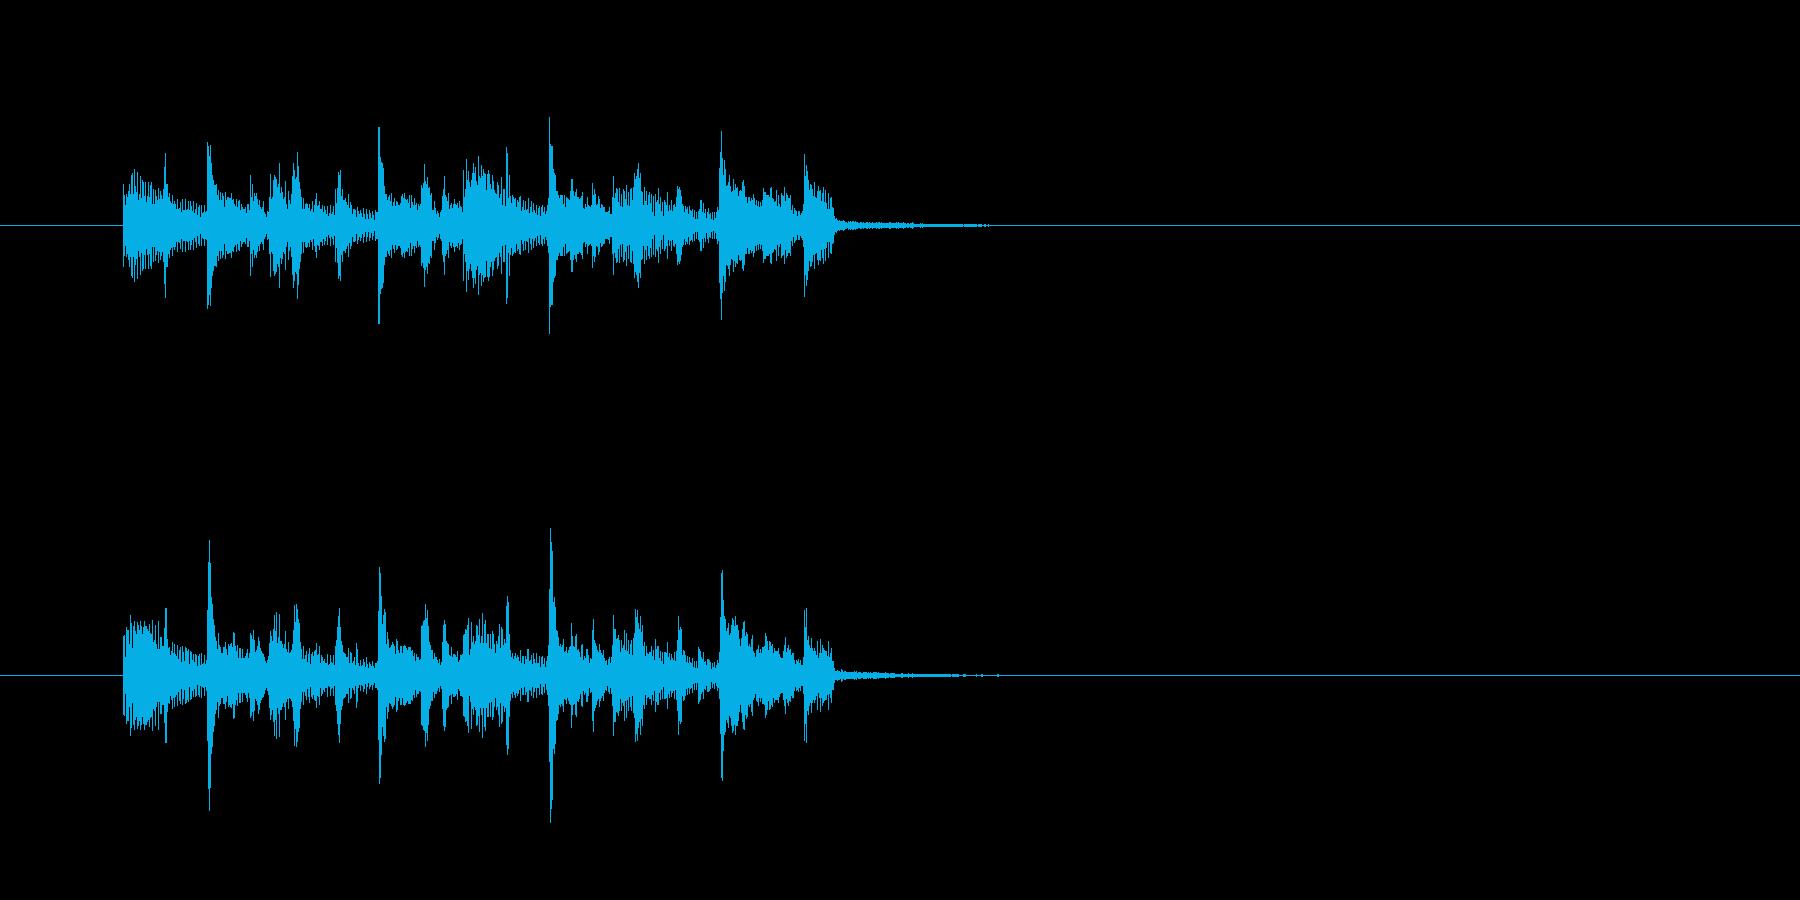 シンセサイザー クール パワフル ベースの再生済みの波形